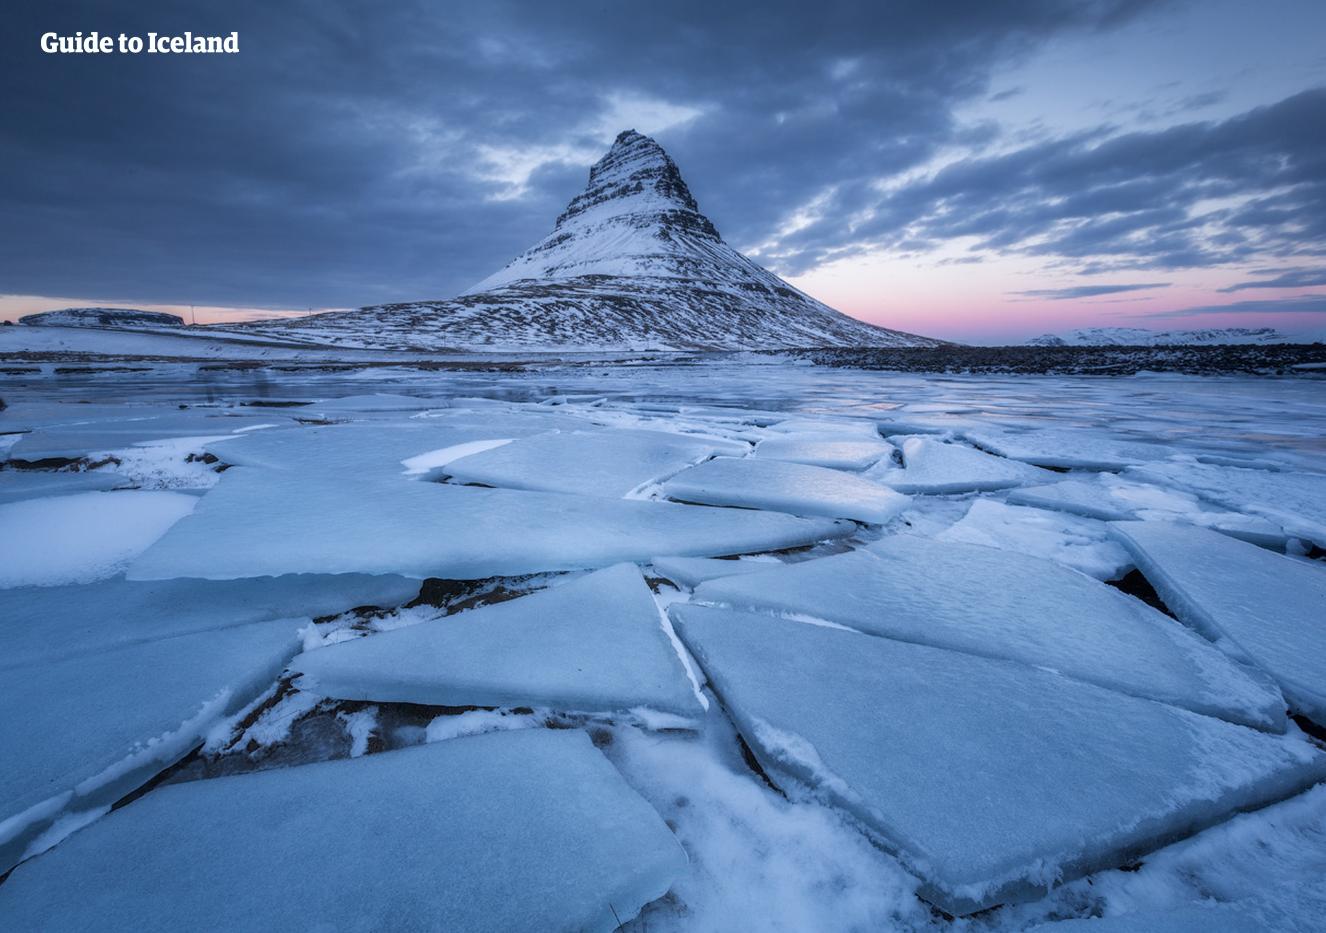 11-дневный автотур вокруг Исландии в поисках северного сияния   Кольцевая дорога и полуостров Снайфелльснес - day 2